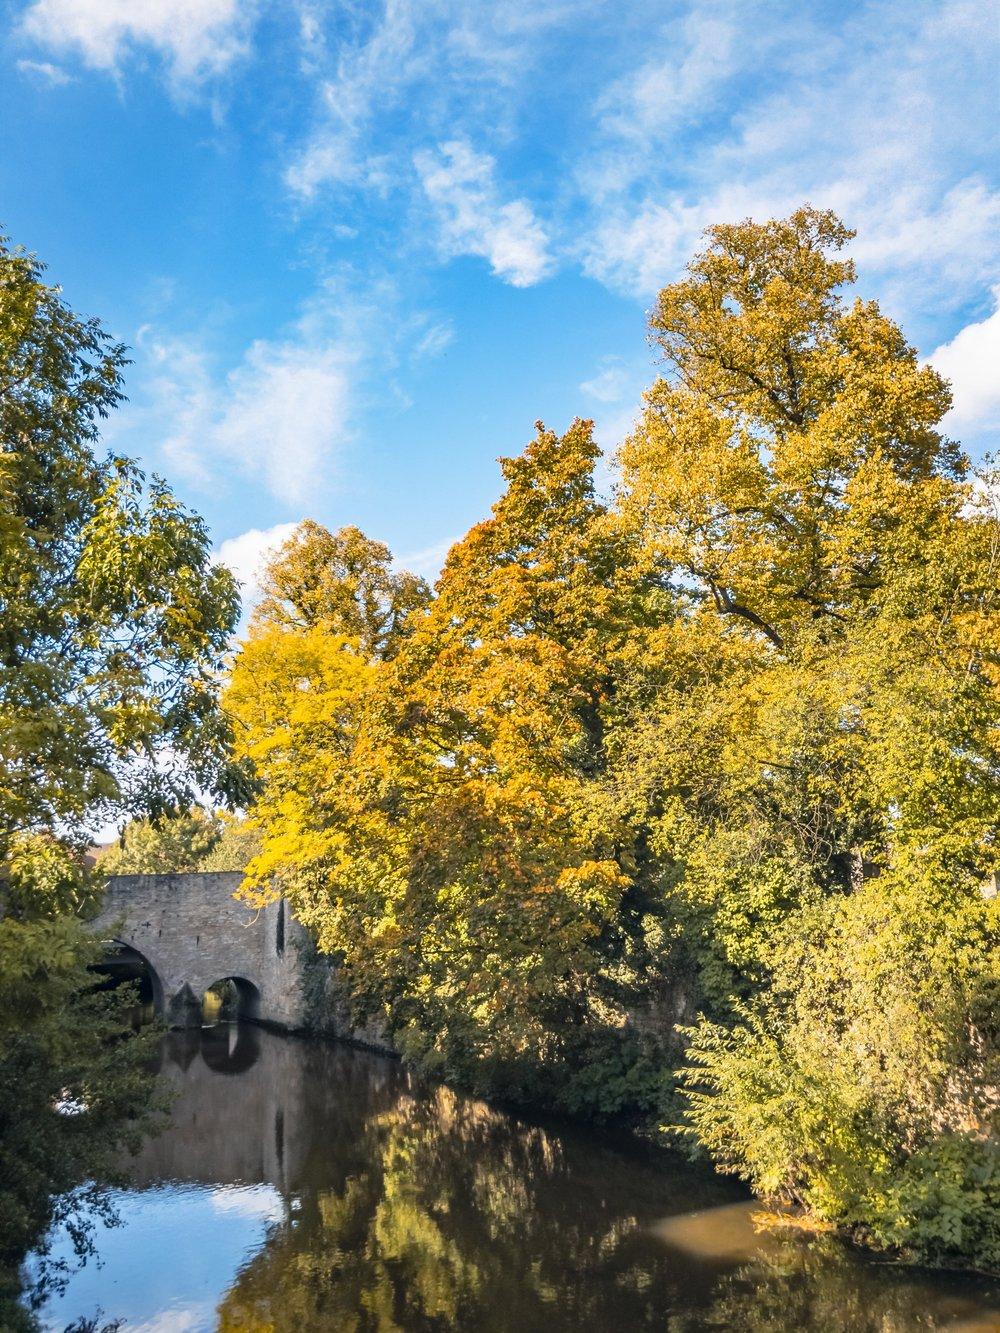 APC_0083-hdr-2 - Herbst ShotoniPhone Autumn Blätter Leaves Sun Sonne Light Threes Licht Bäume Baum Stadt Osnabrück.jpg